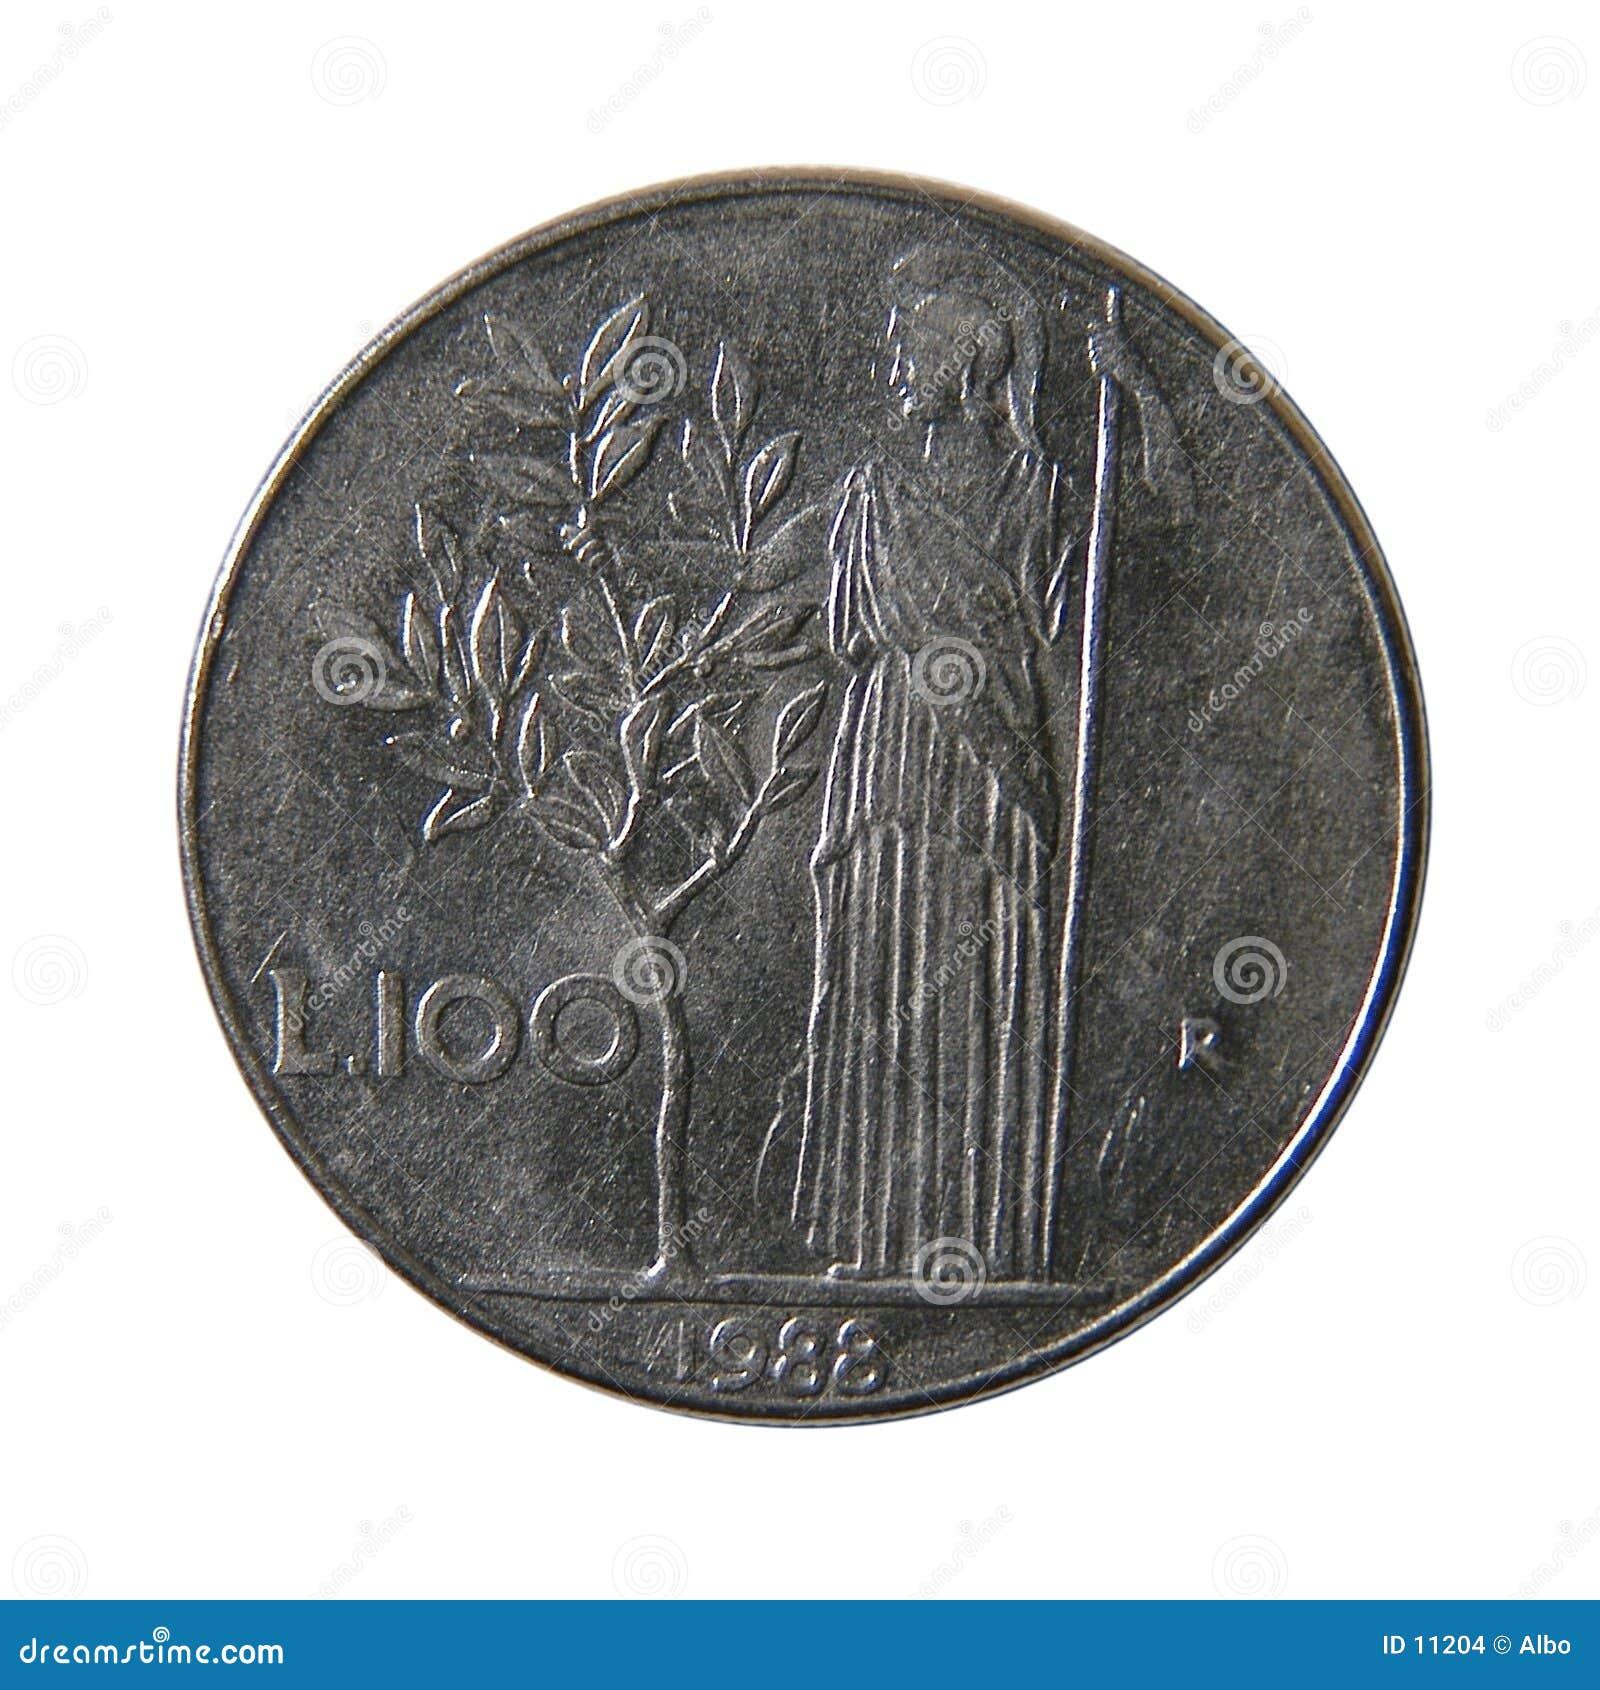 100 Italian Lire